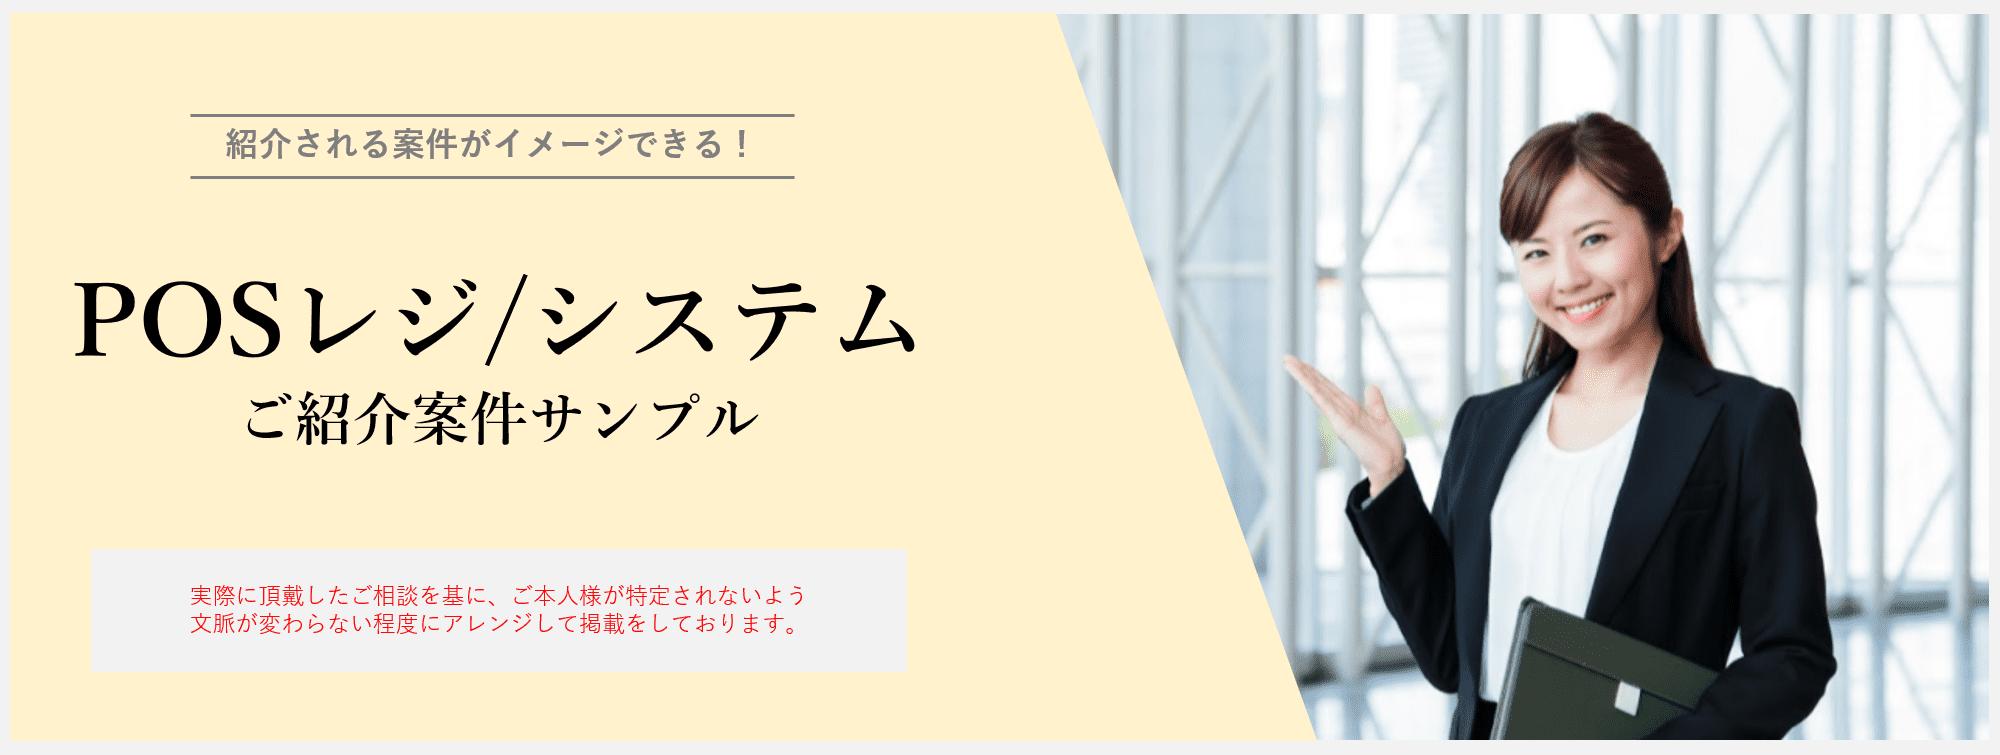 【POSレジ/システム】お問い合わせ実例